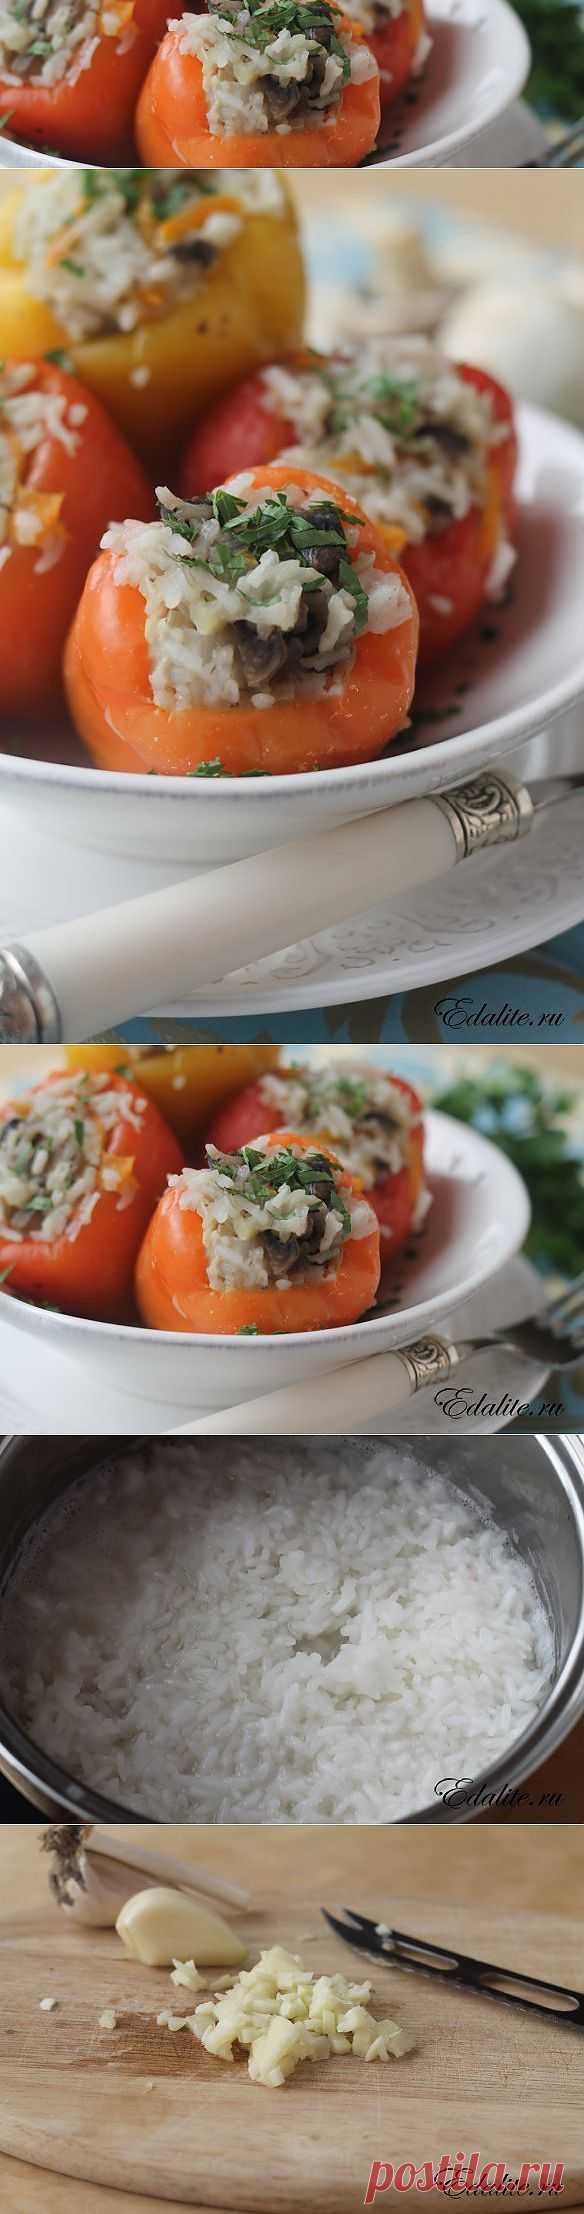 Фаршированный перец в пароварке – 79 ккал   Рецепт с Фото   Вкусно, Полезно, Легко   Edalite.ru